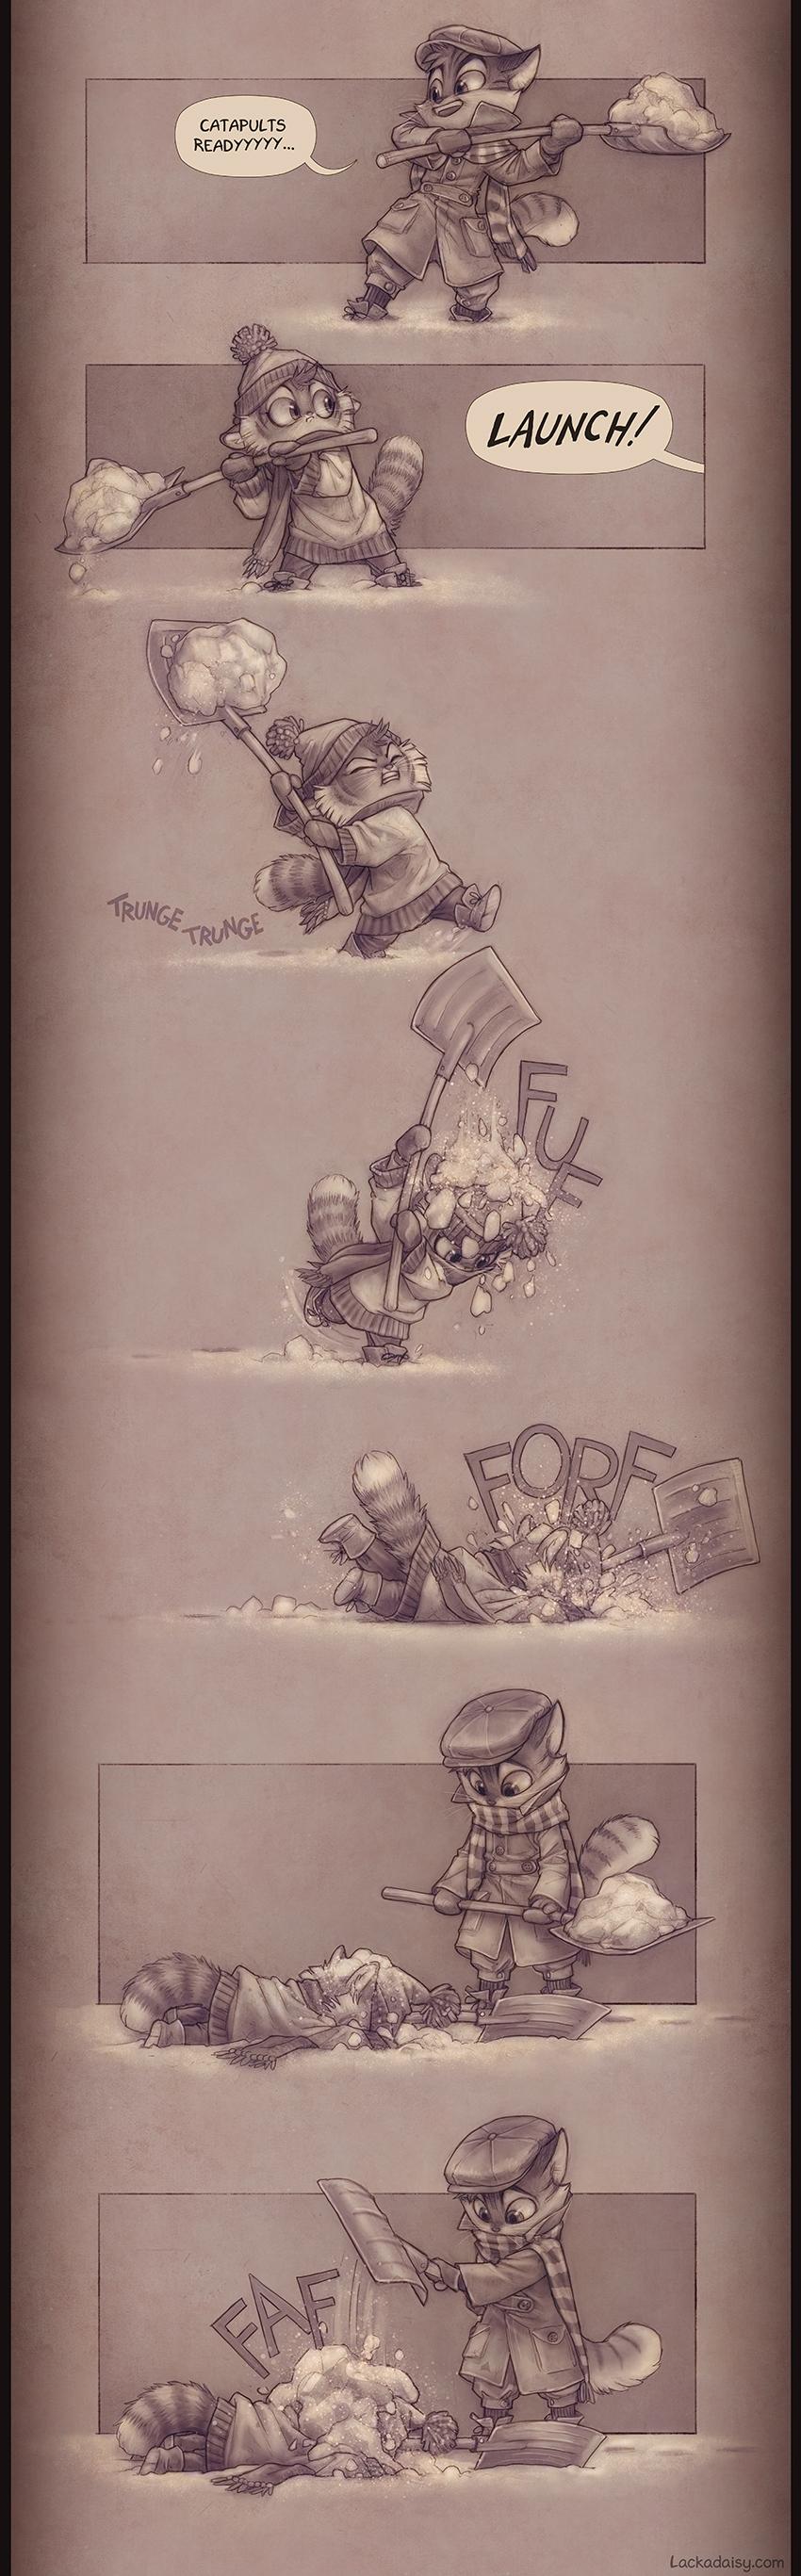 Lackadaisy Catapult by tracyjb